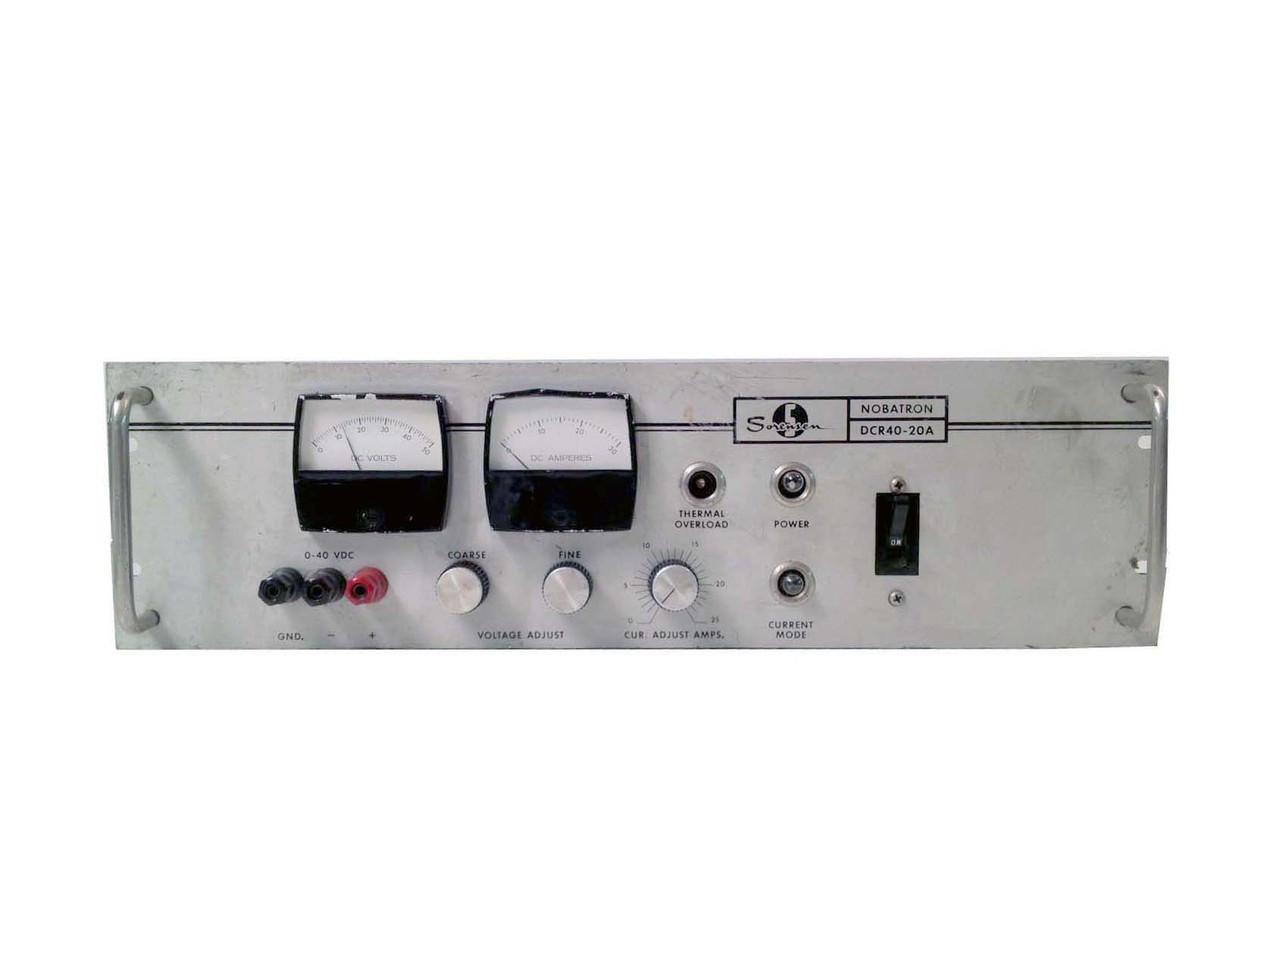 DCR40-20A 40 V, 20 AMP, Power Supply | Sorensen